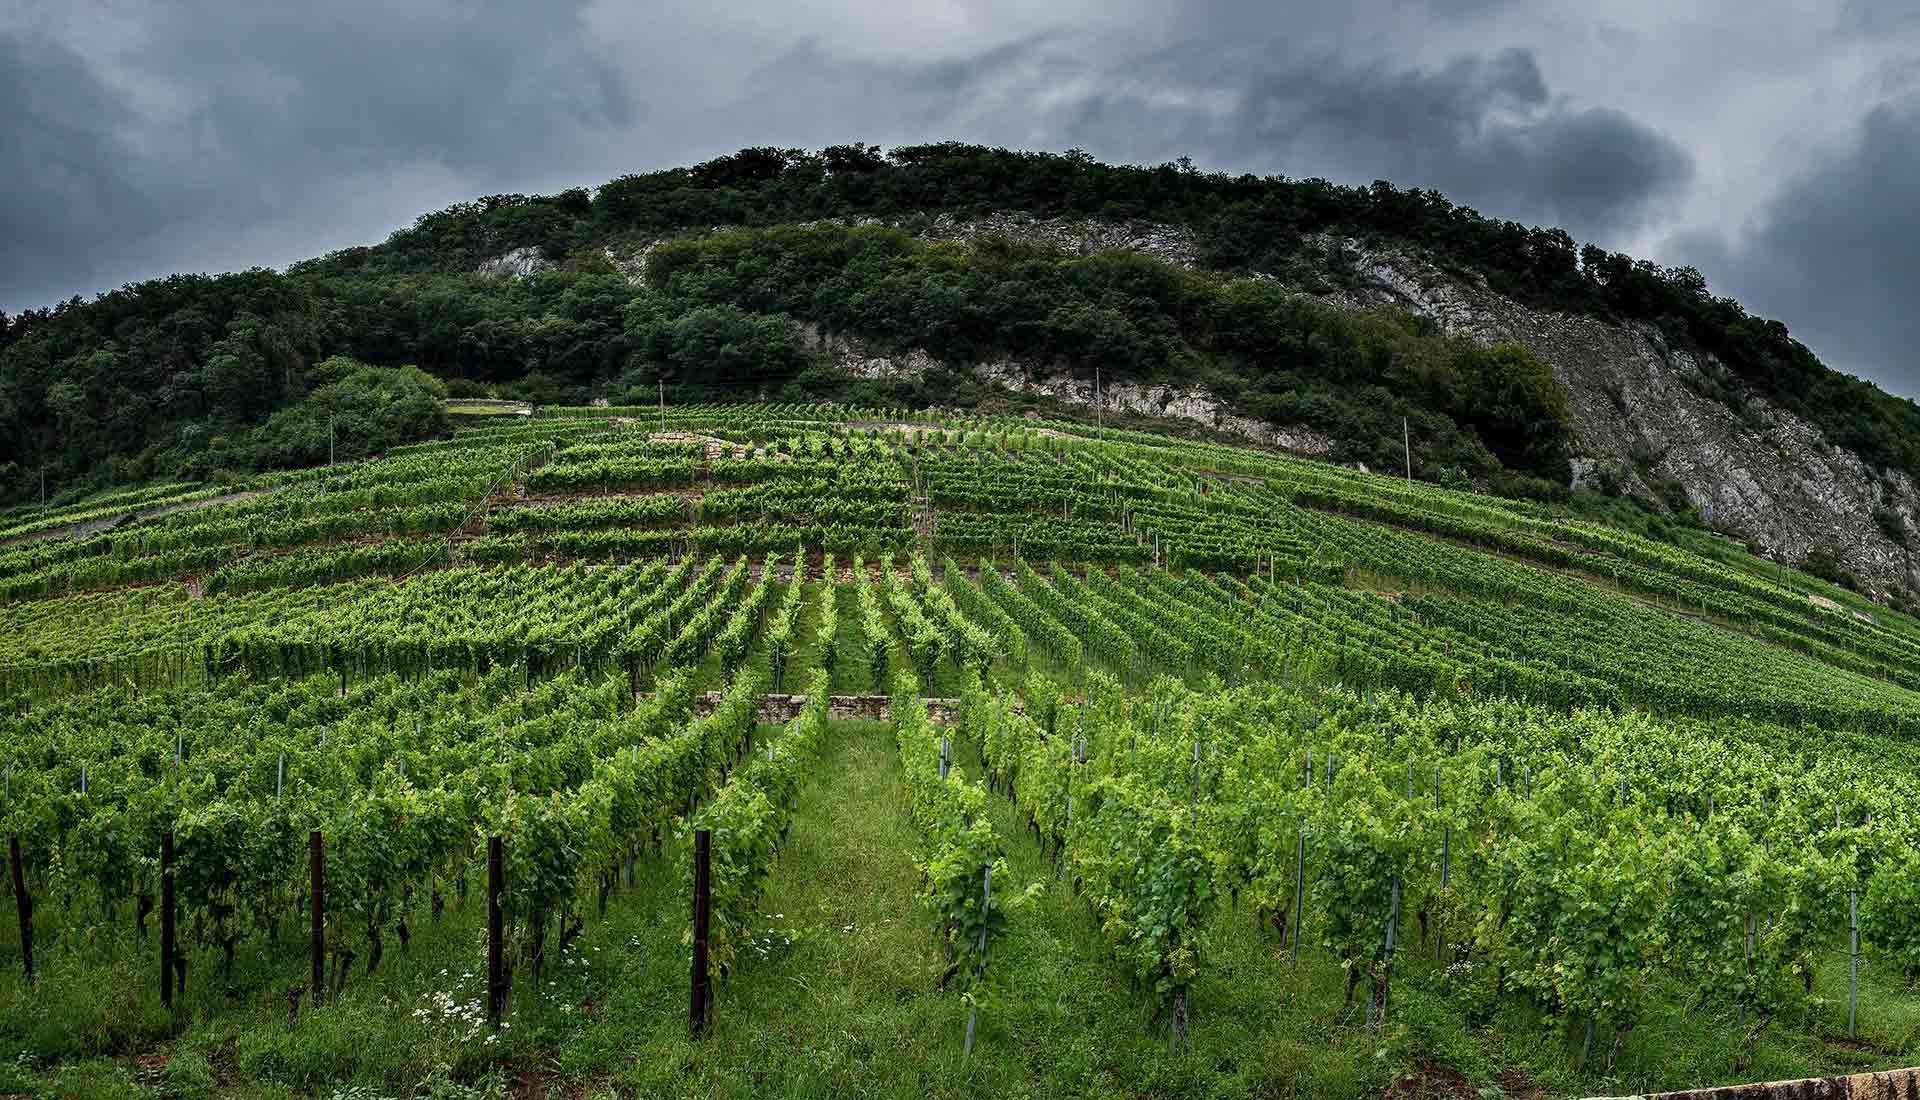 Die Lage Vogelsang, aus welcher der gleichnamige Pinot Noir von Gromann & Söhne stammt